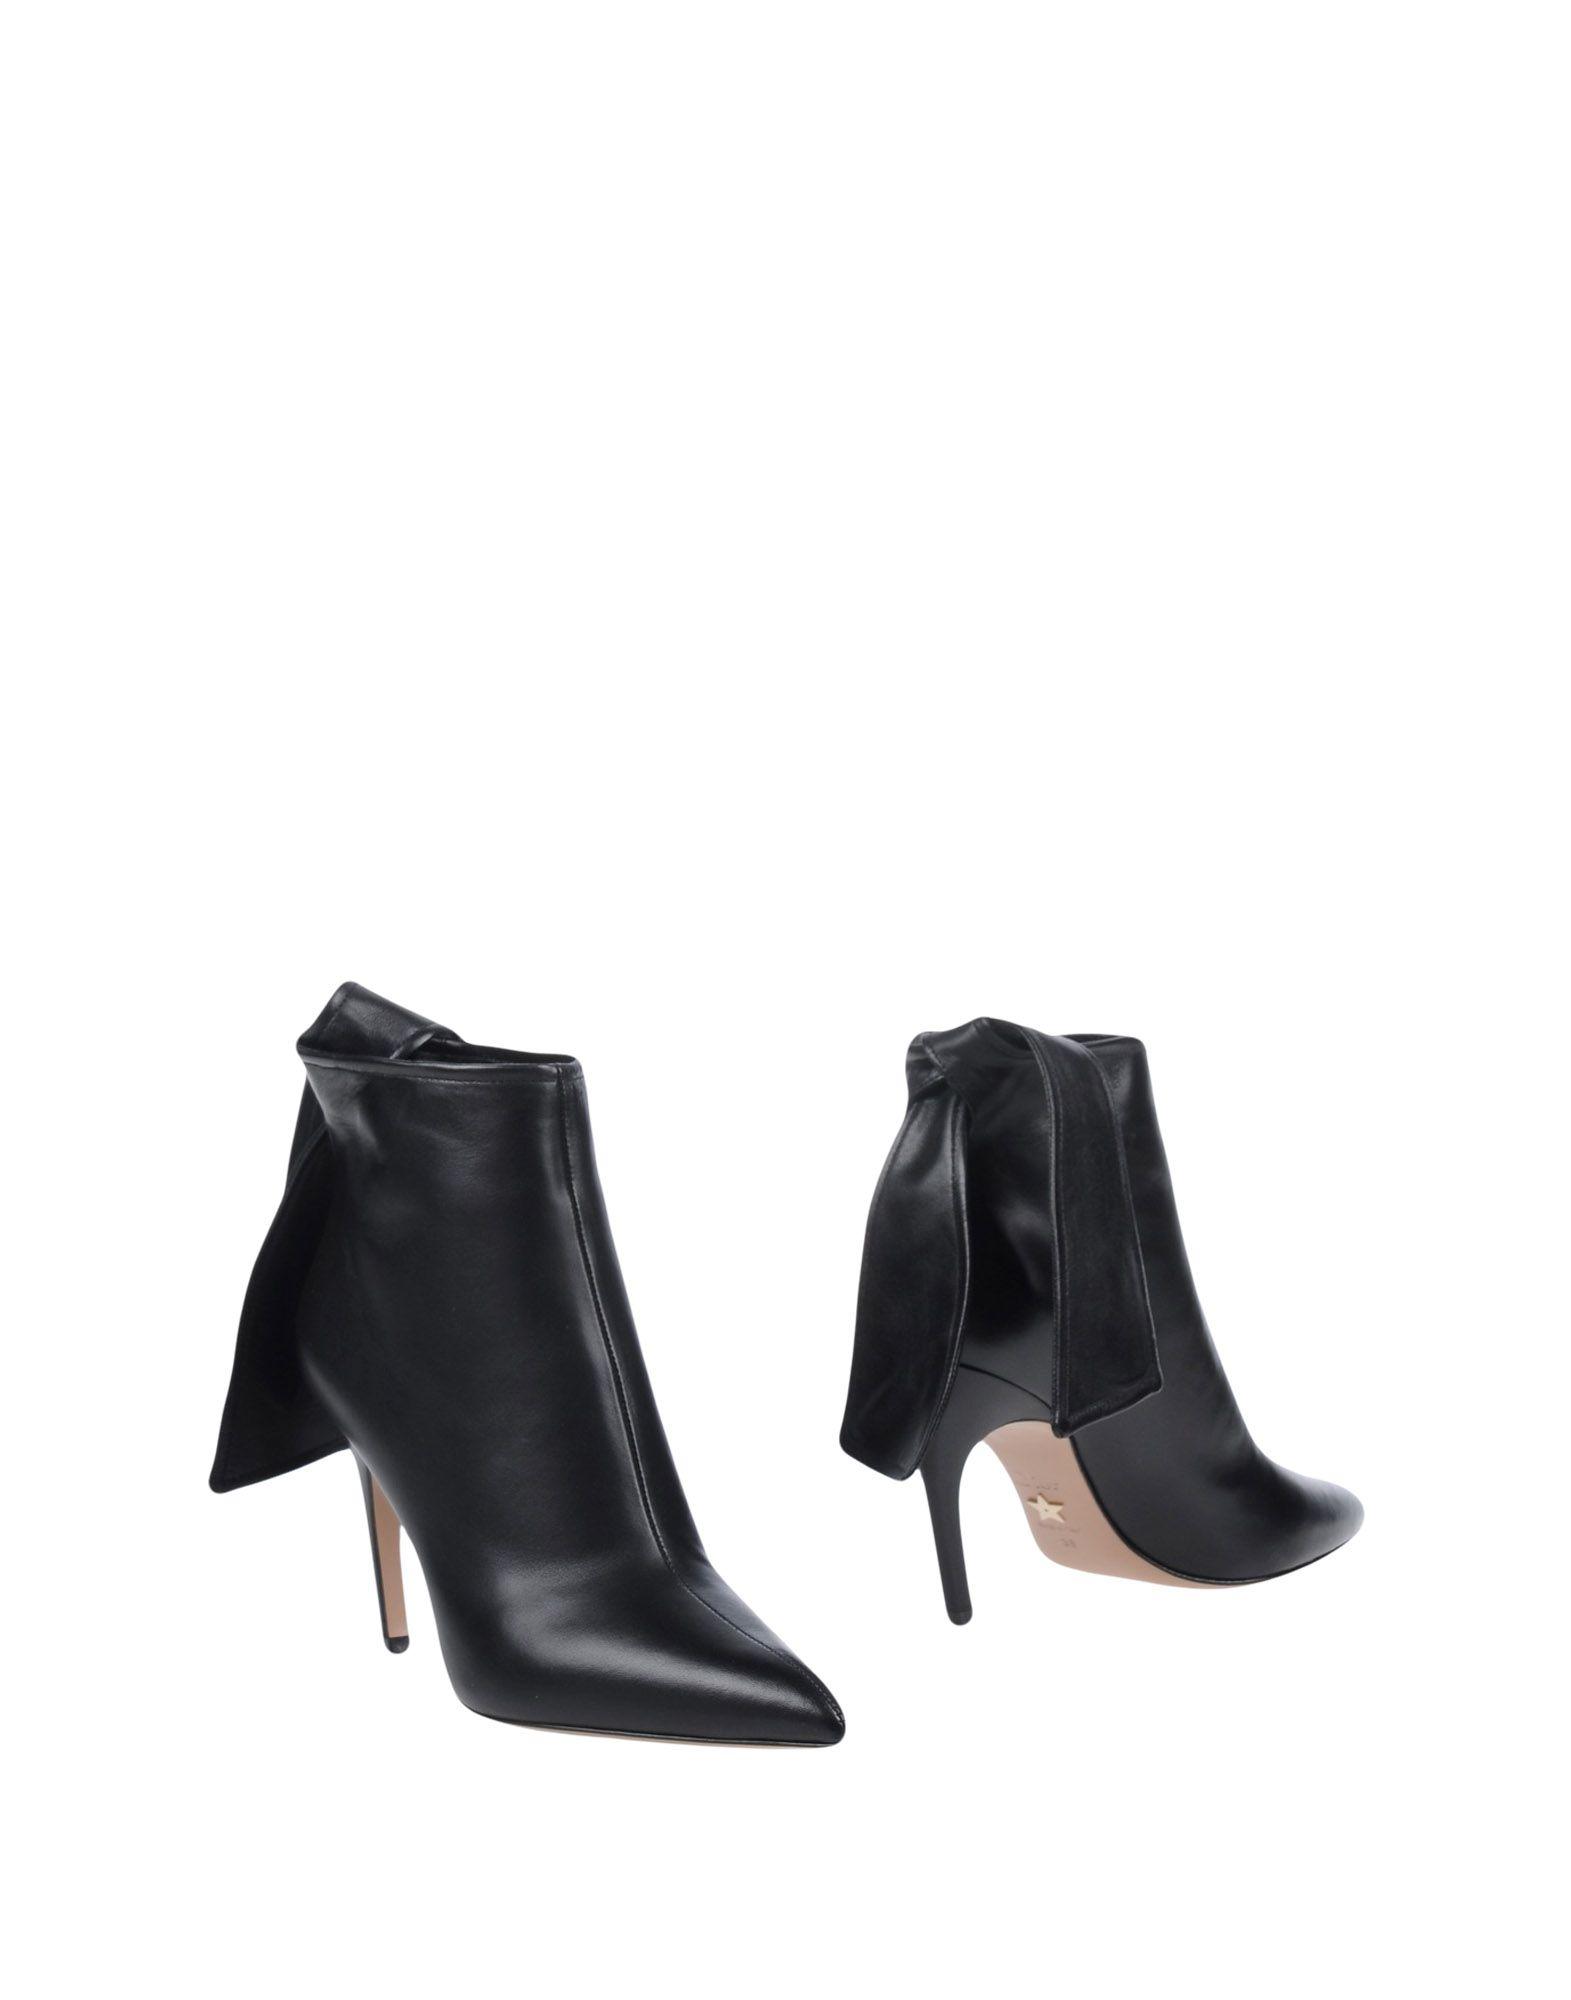 DIOR Полусапоги и высокие ботинки демисезонные ботинки dior 2015 d995902